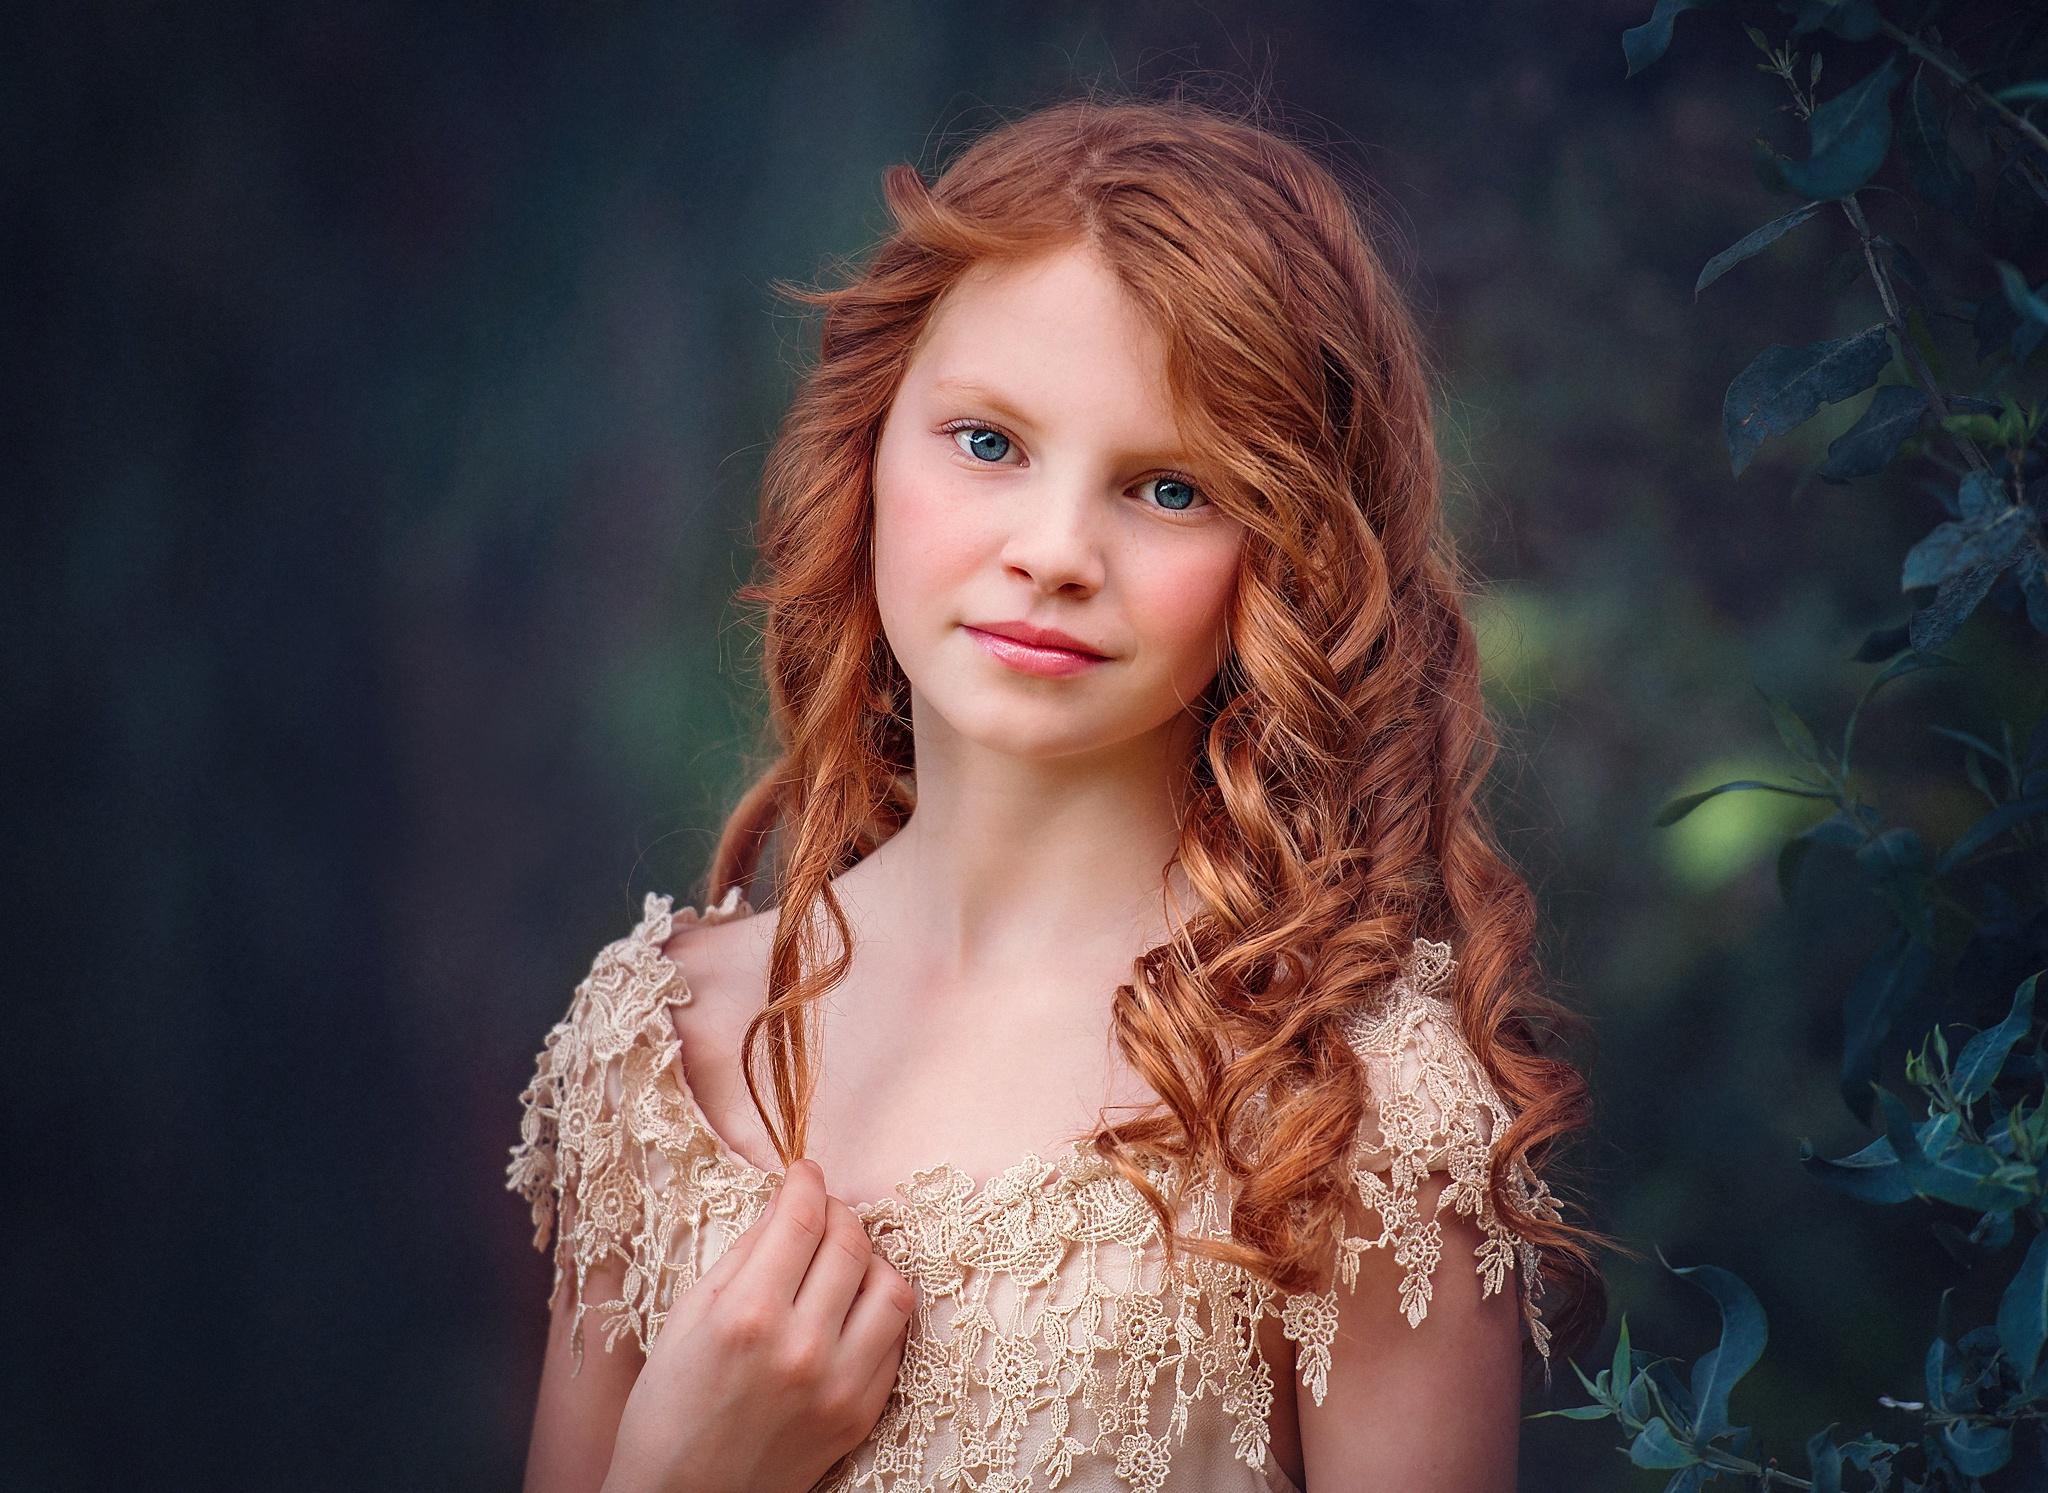 Скачать обои портрет, дети, рыжая, девочка, волосы